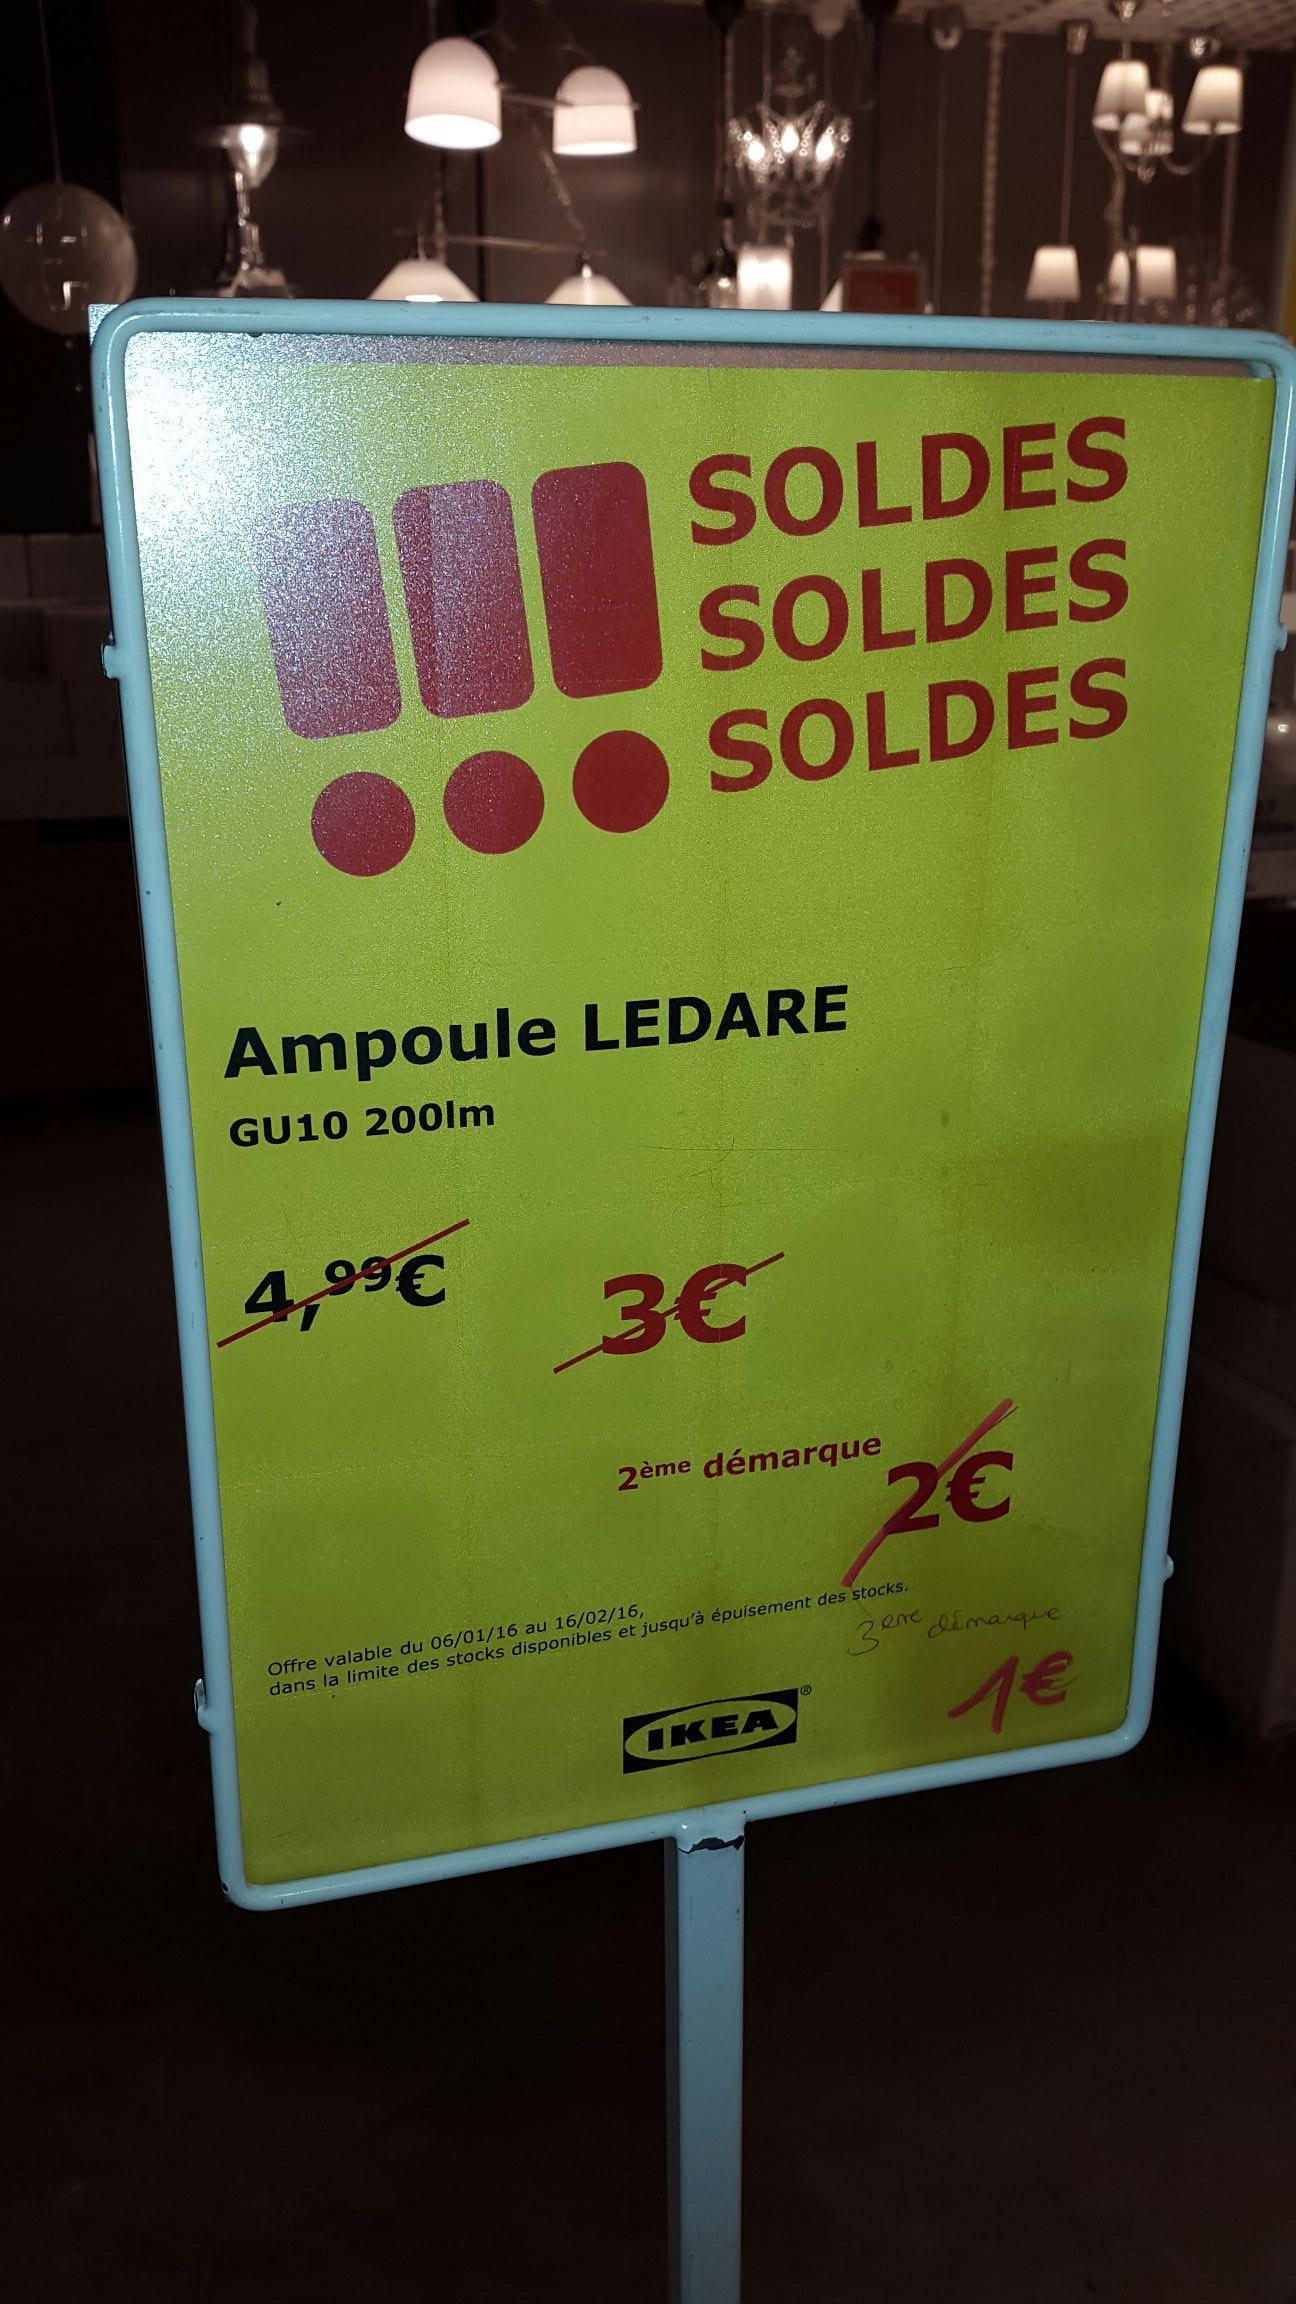 Ampoule LED Ledare GU10 200lm